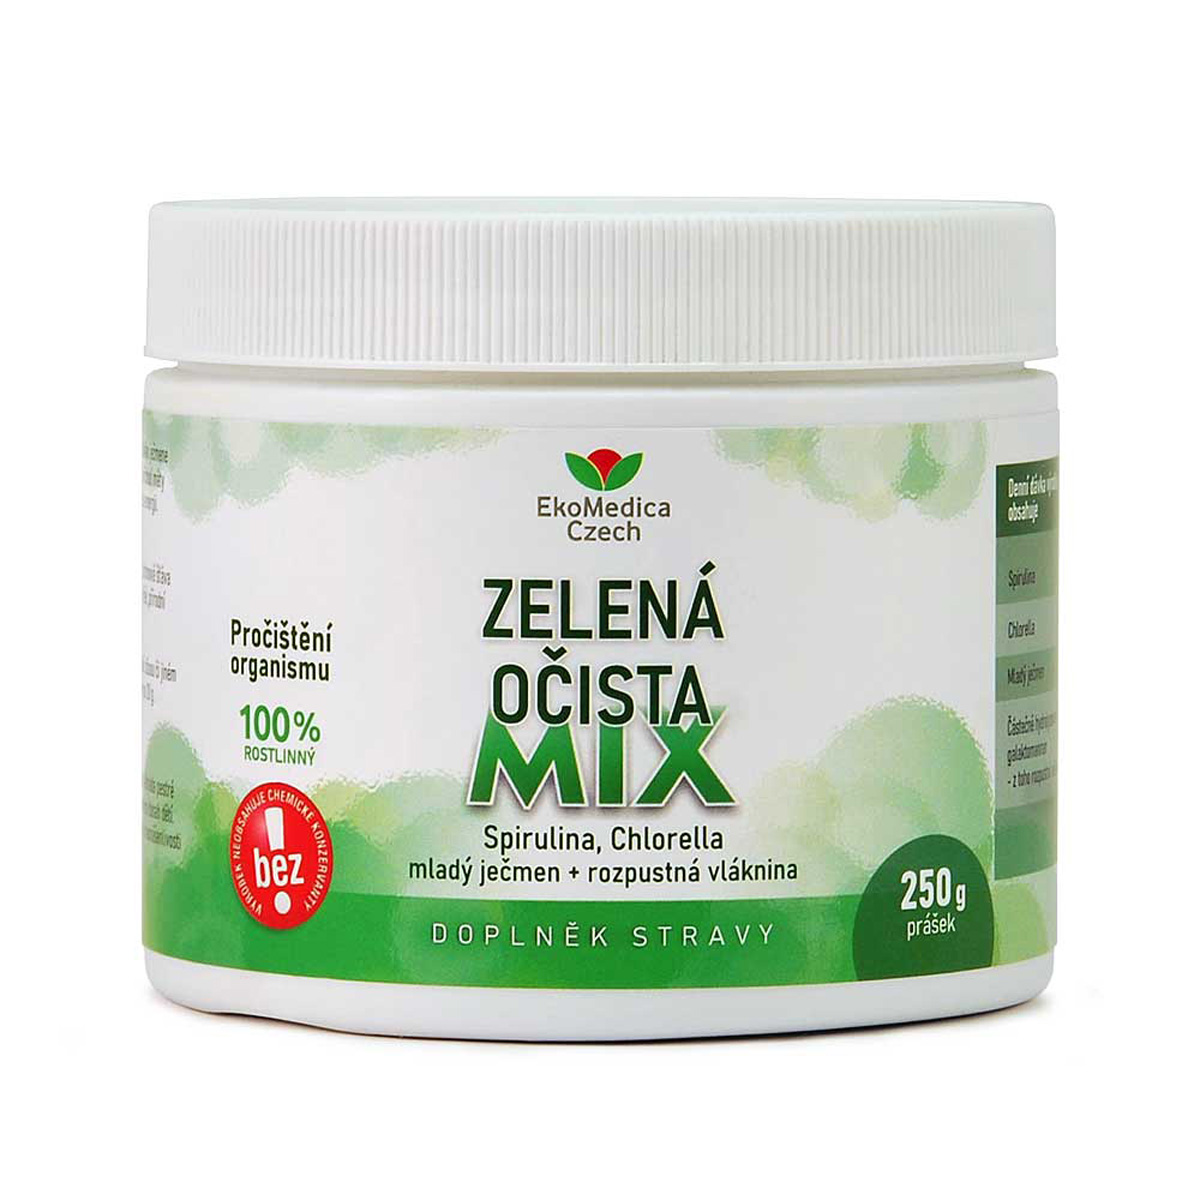 EkoMedica Zelená očista mix 250 g